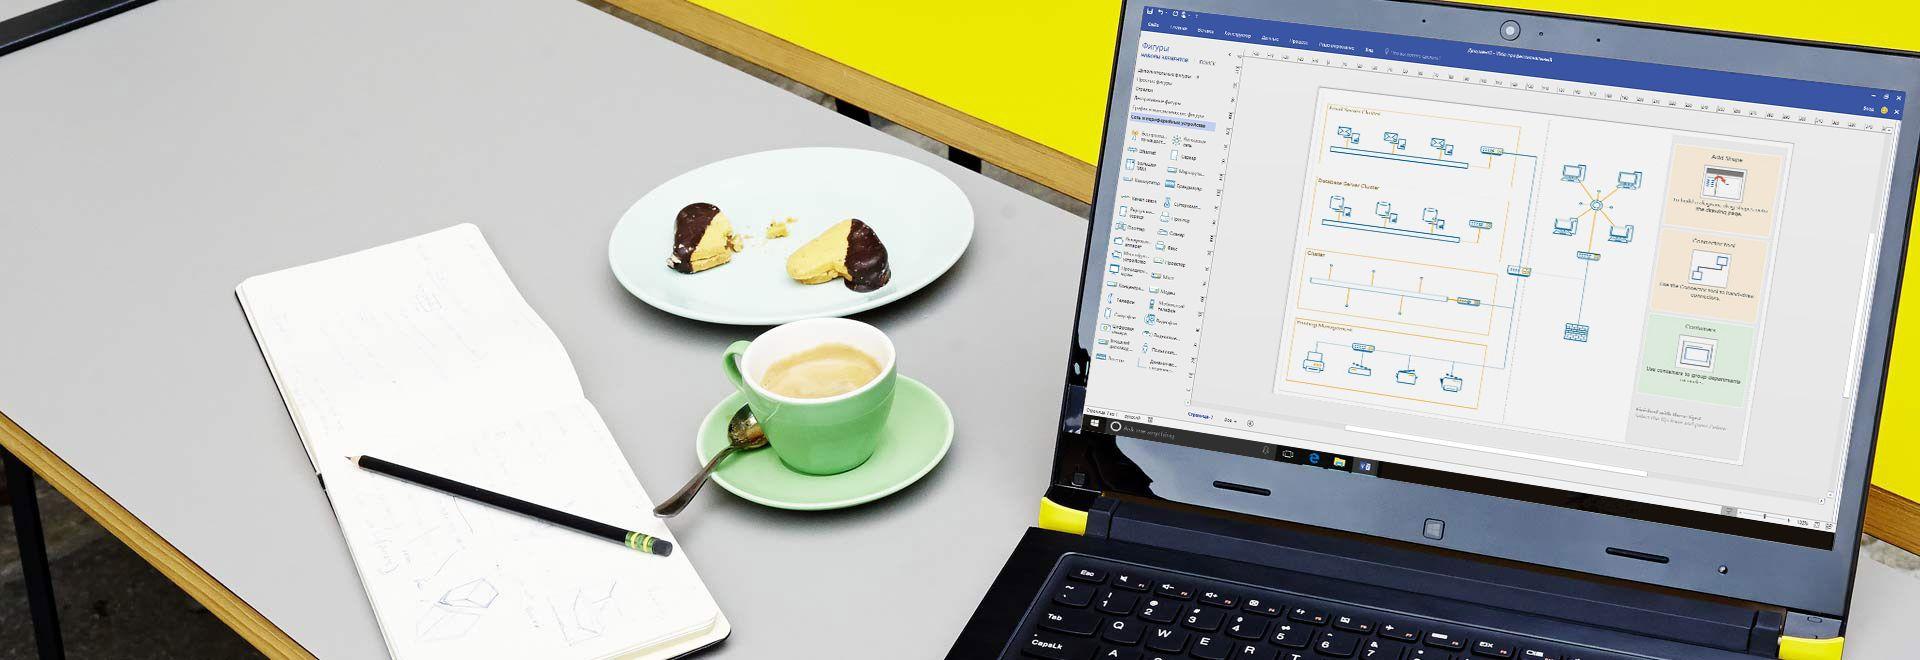 Крупным планом: на столе лежит планшет, на экране которого — схема, панель и лента инструментов редактирования в Visio